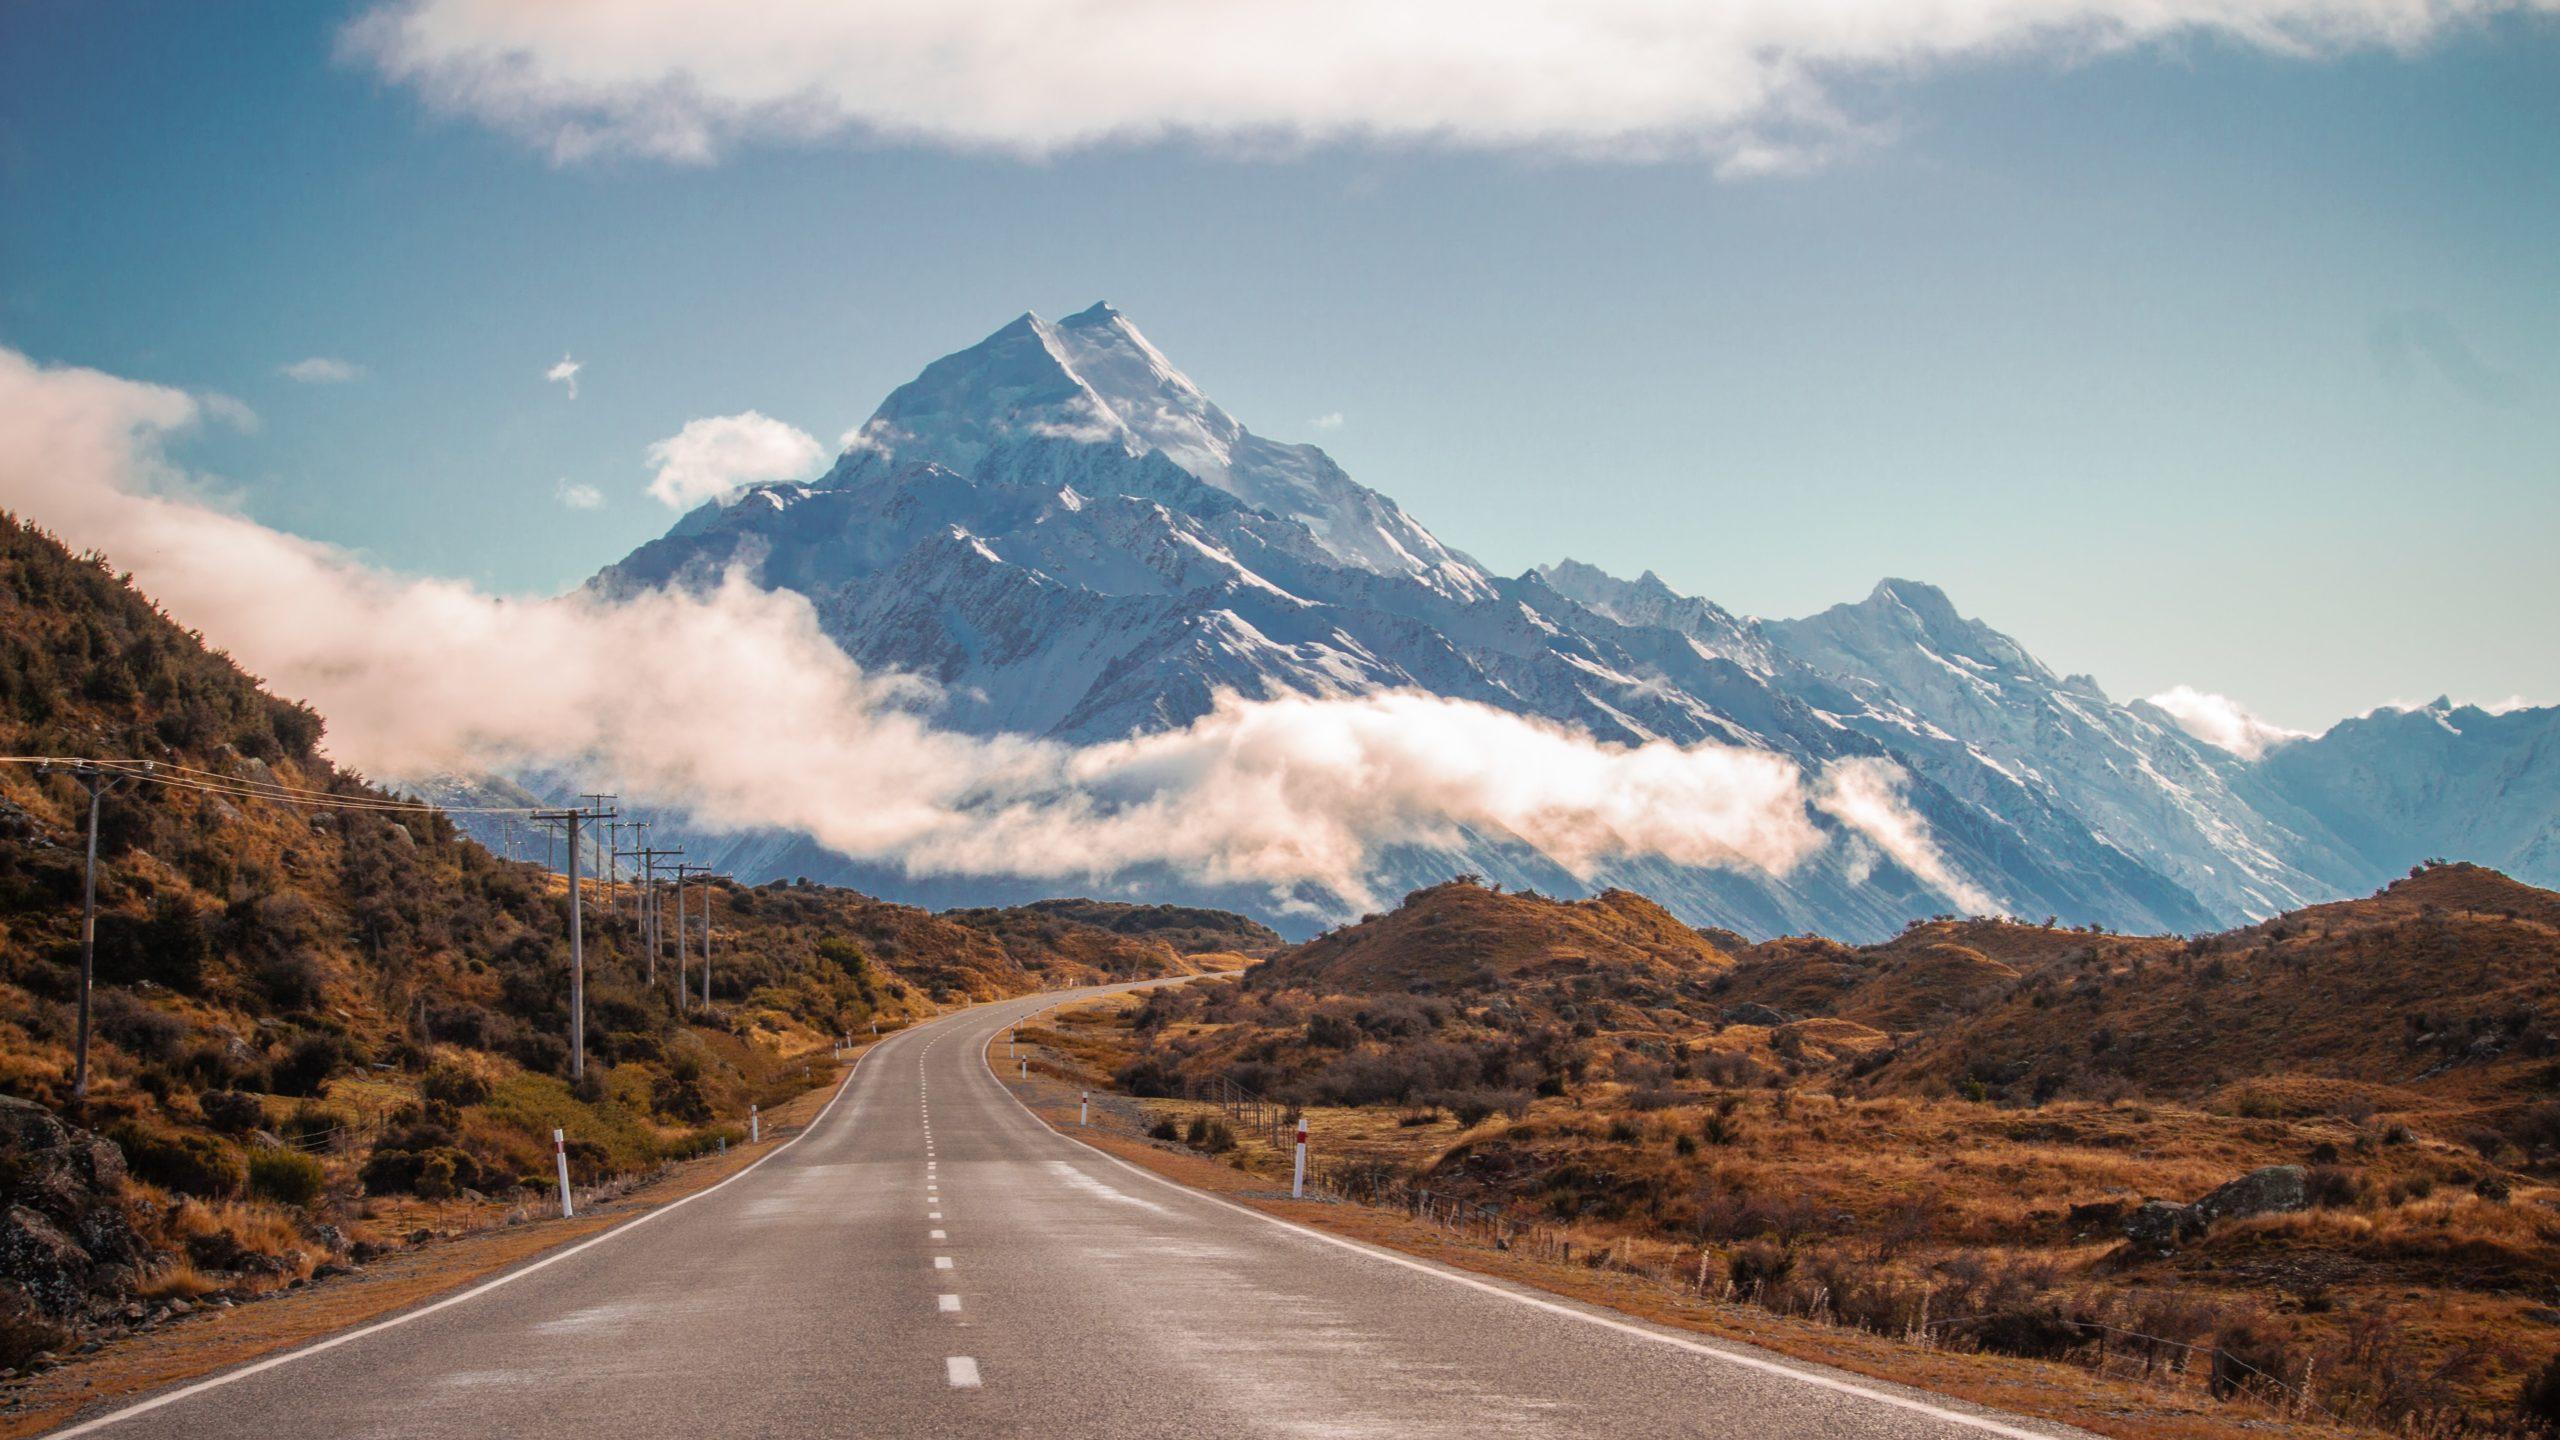 【紐西蘭NZ保險】紐西蘭當地保險Orbit Protect,保障你的整趟旅程